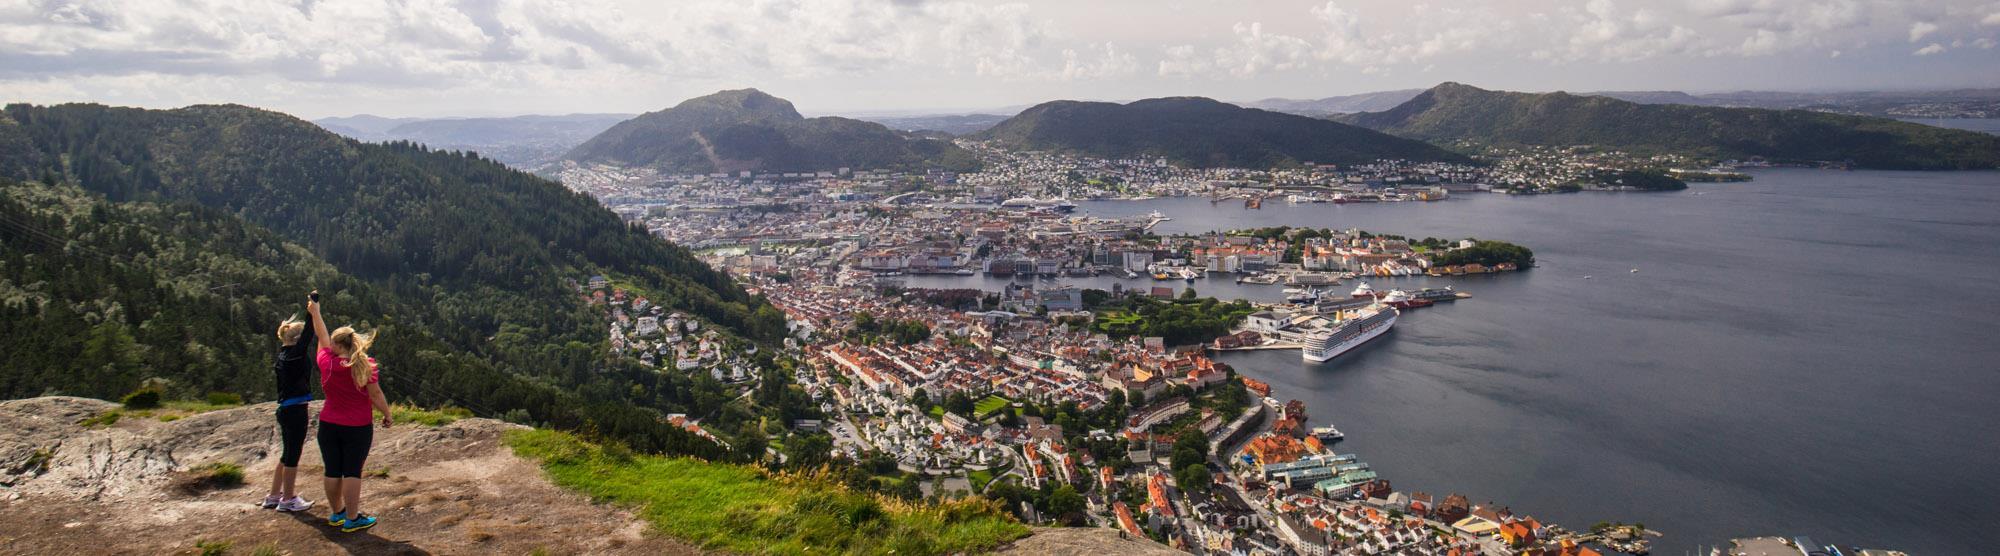 d237285ab Aktiviteter i Bergen - visitBergen.com